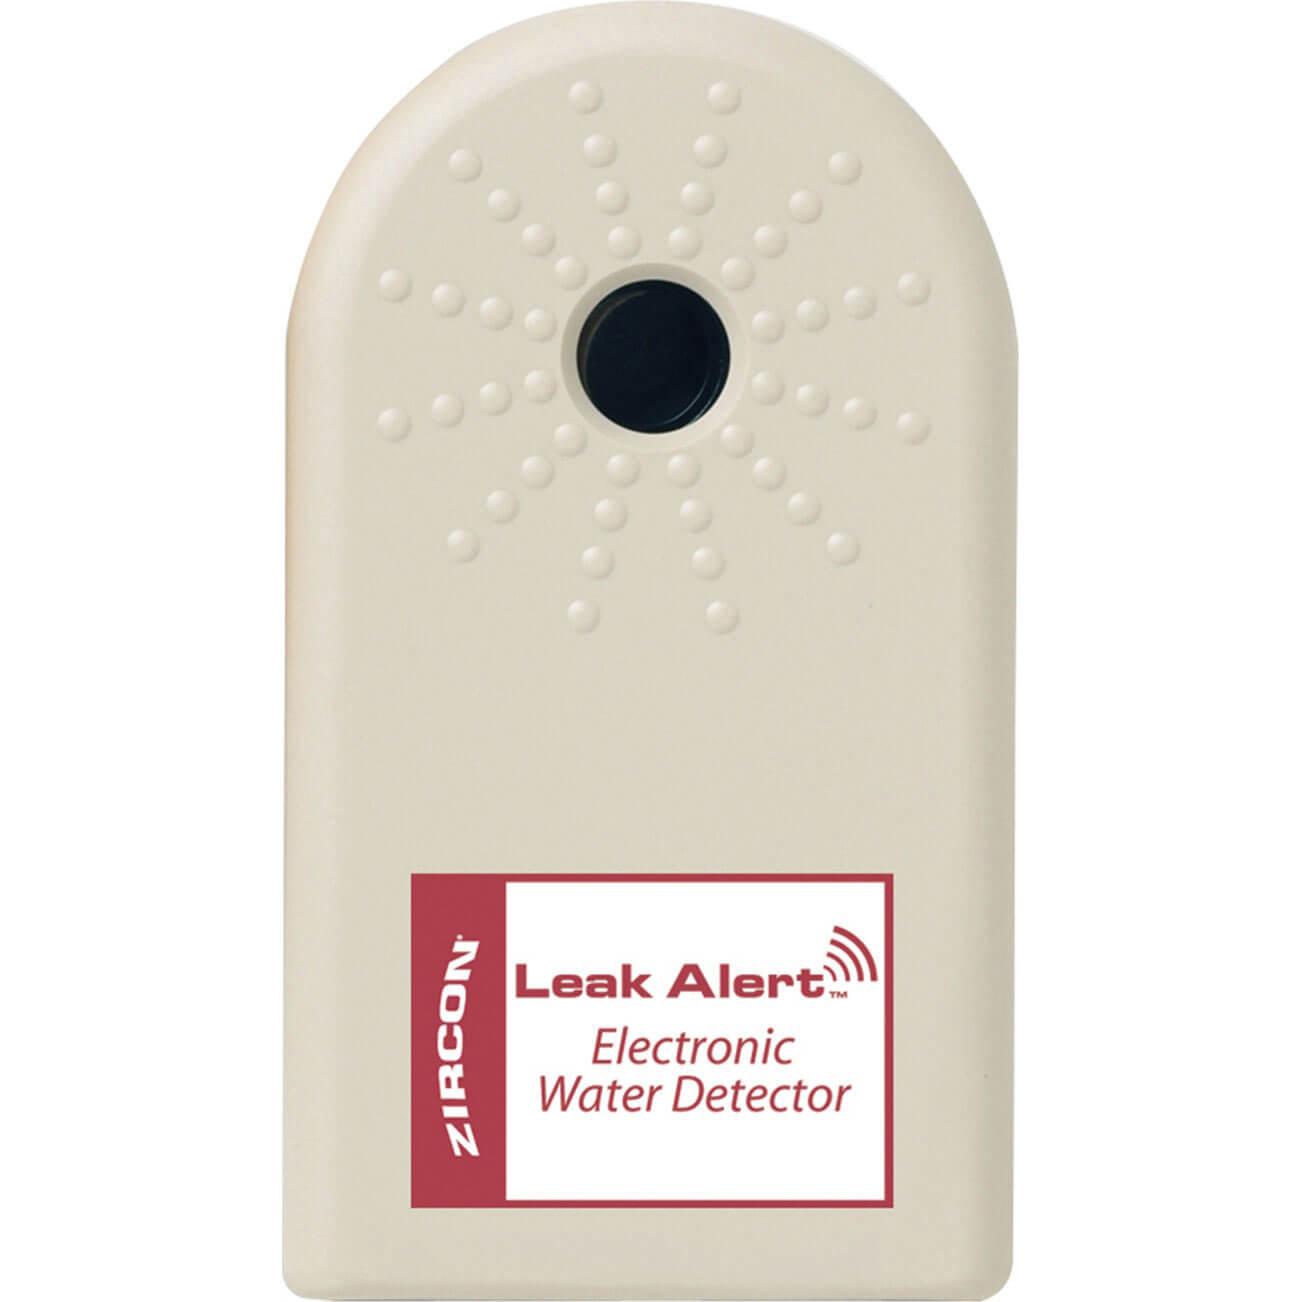 Image of Zircon Water Leak Alert Alarm